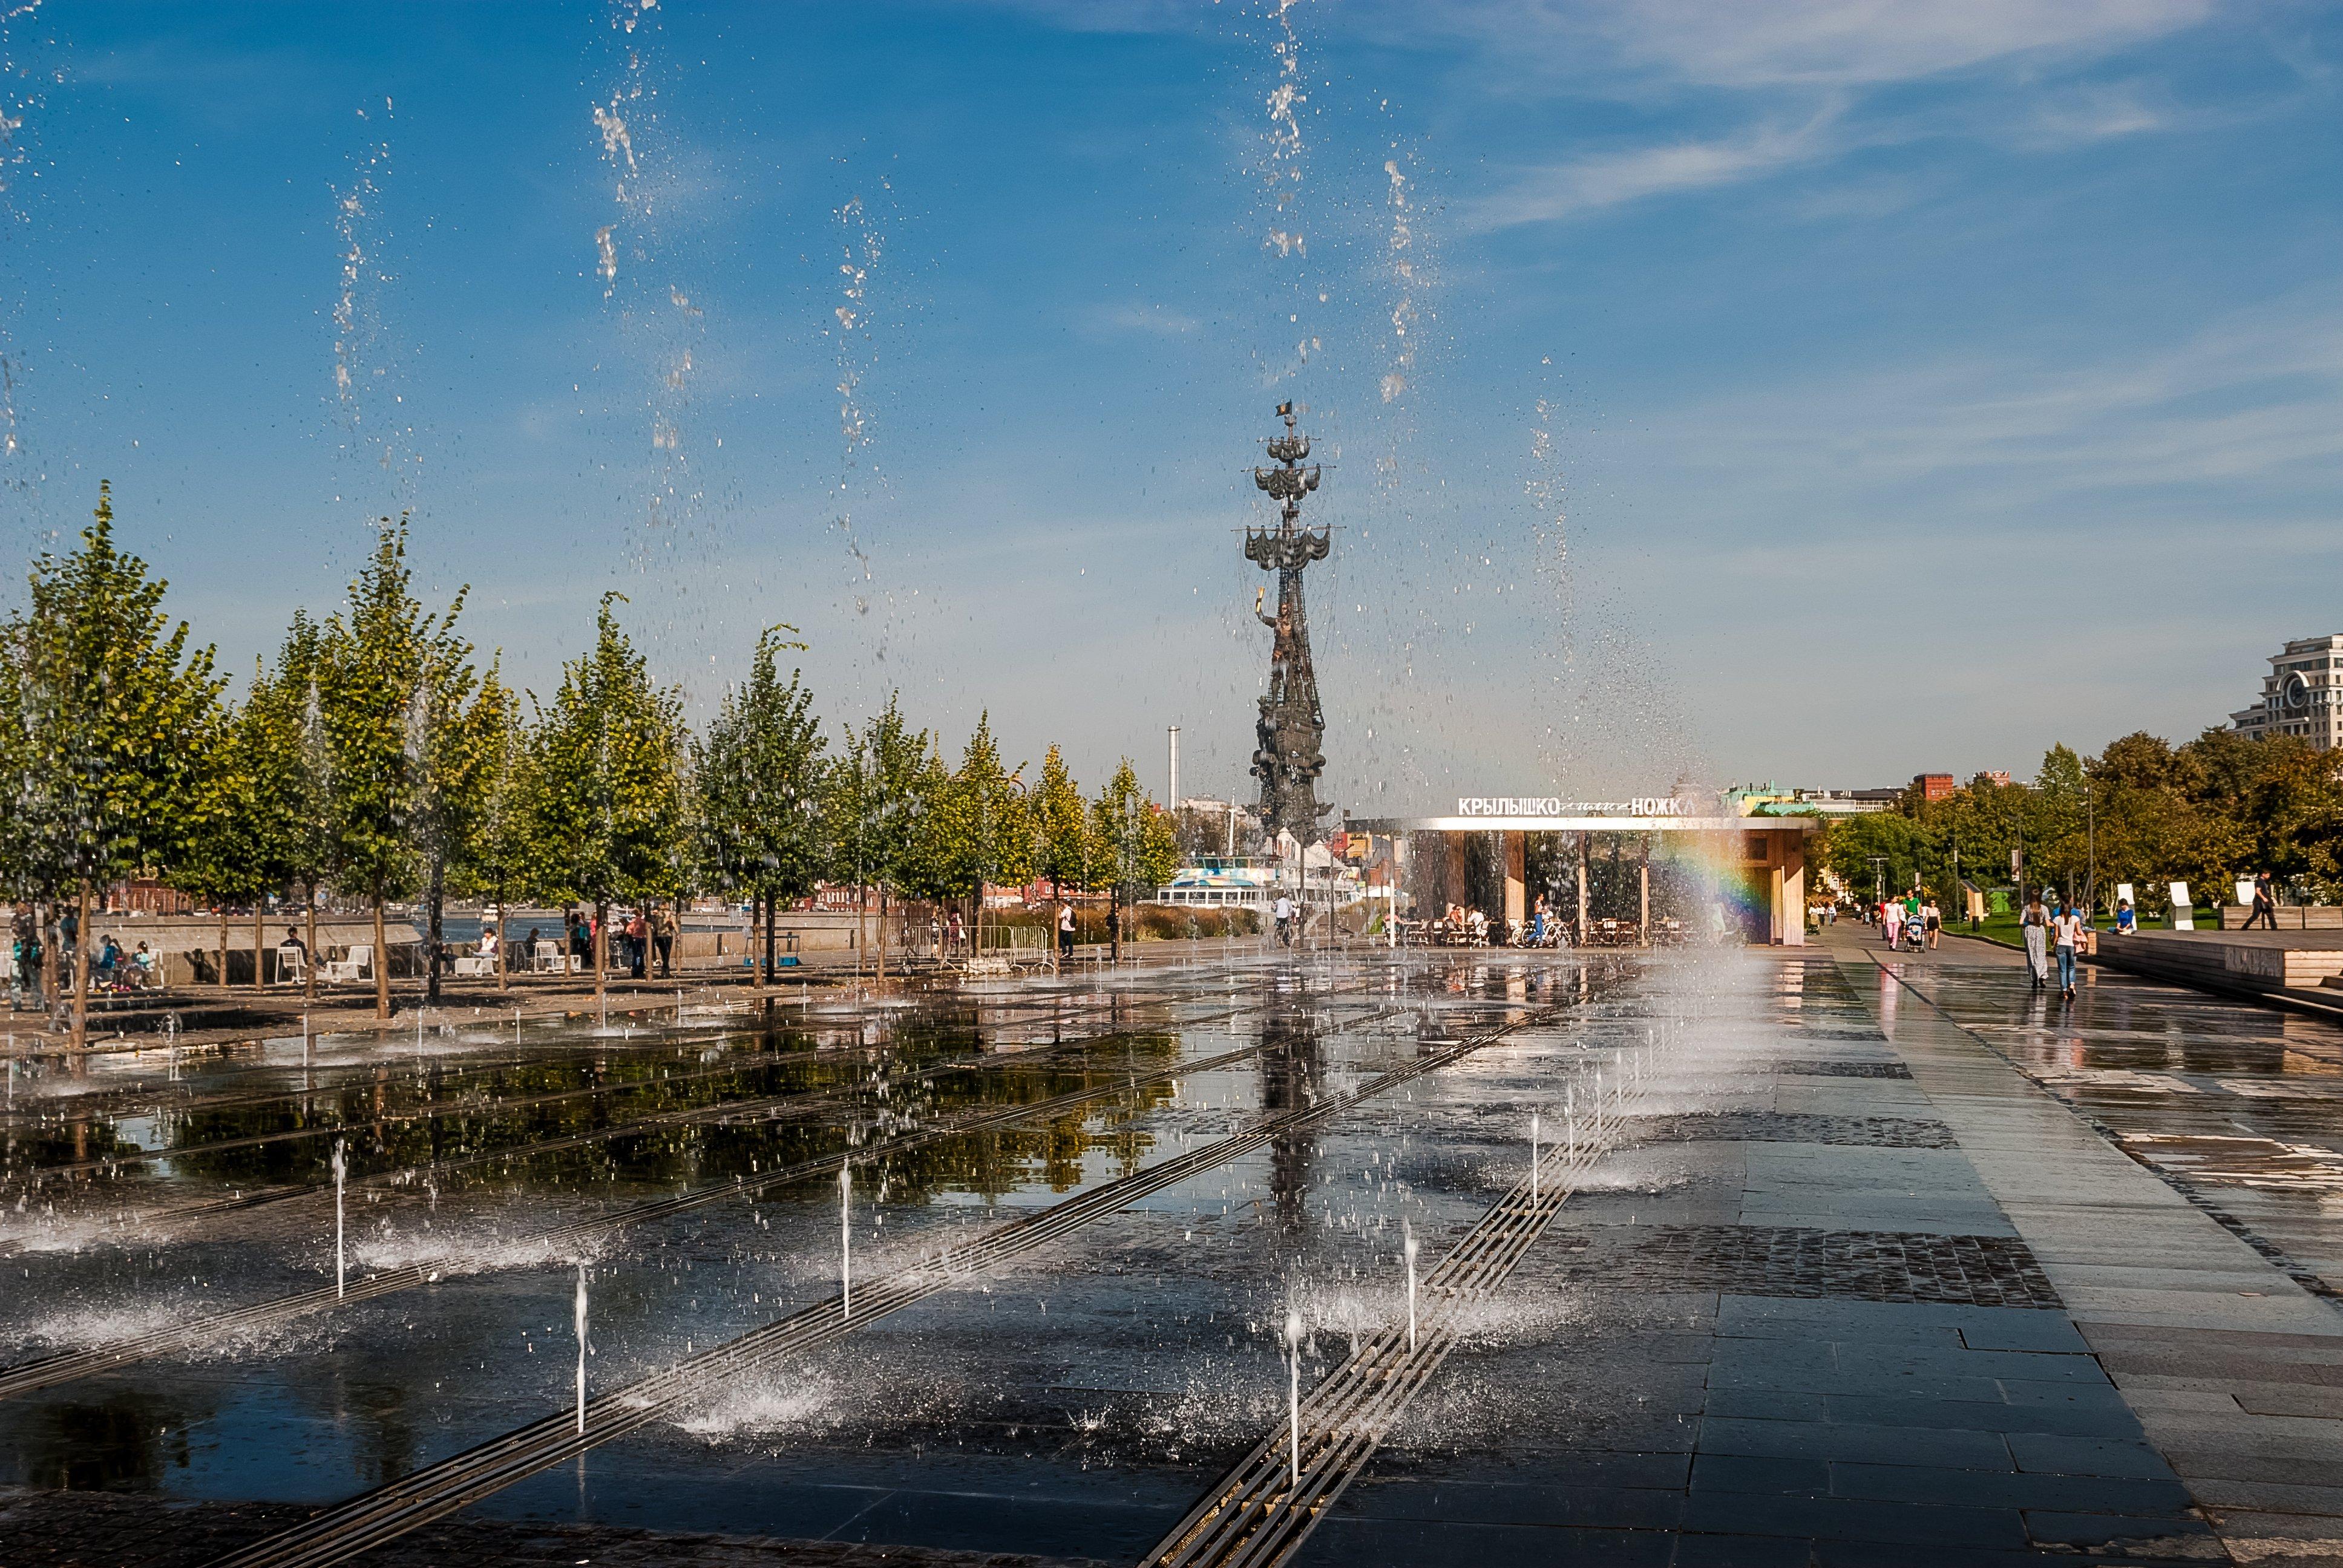 австралии сухие фонтаны в москве фото такого сладкого